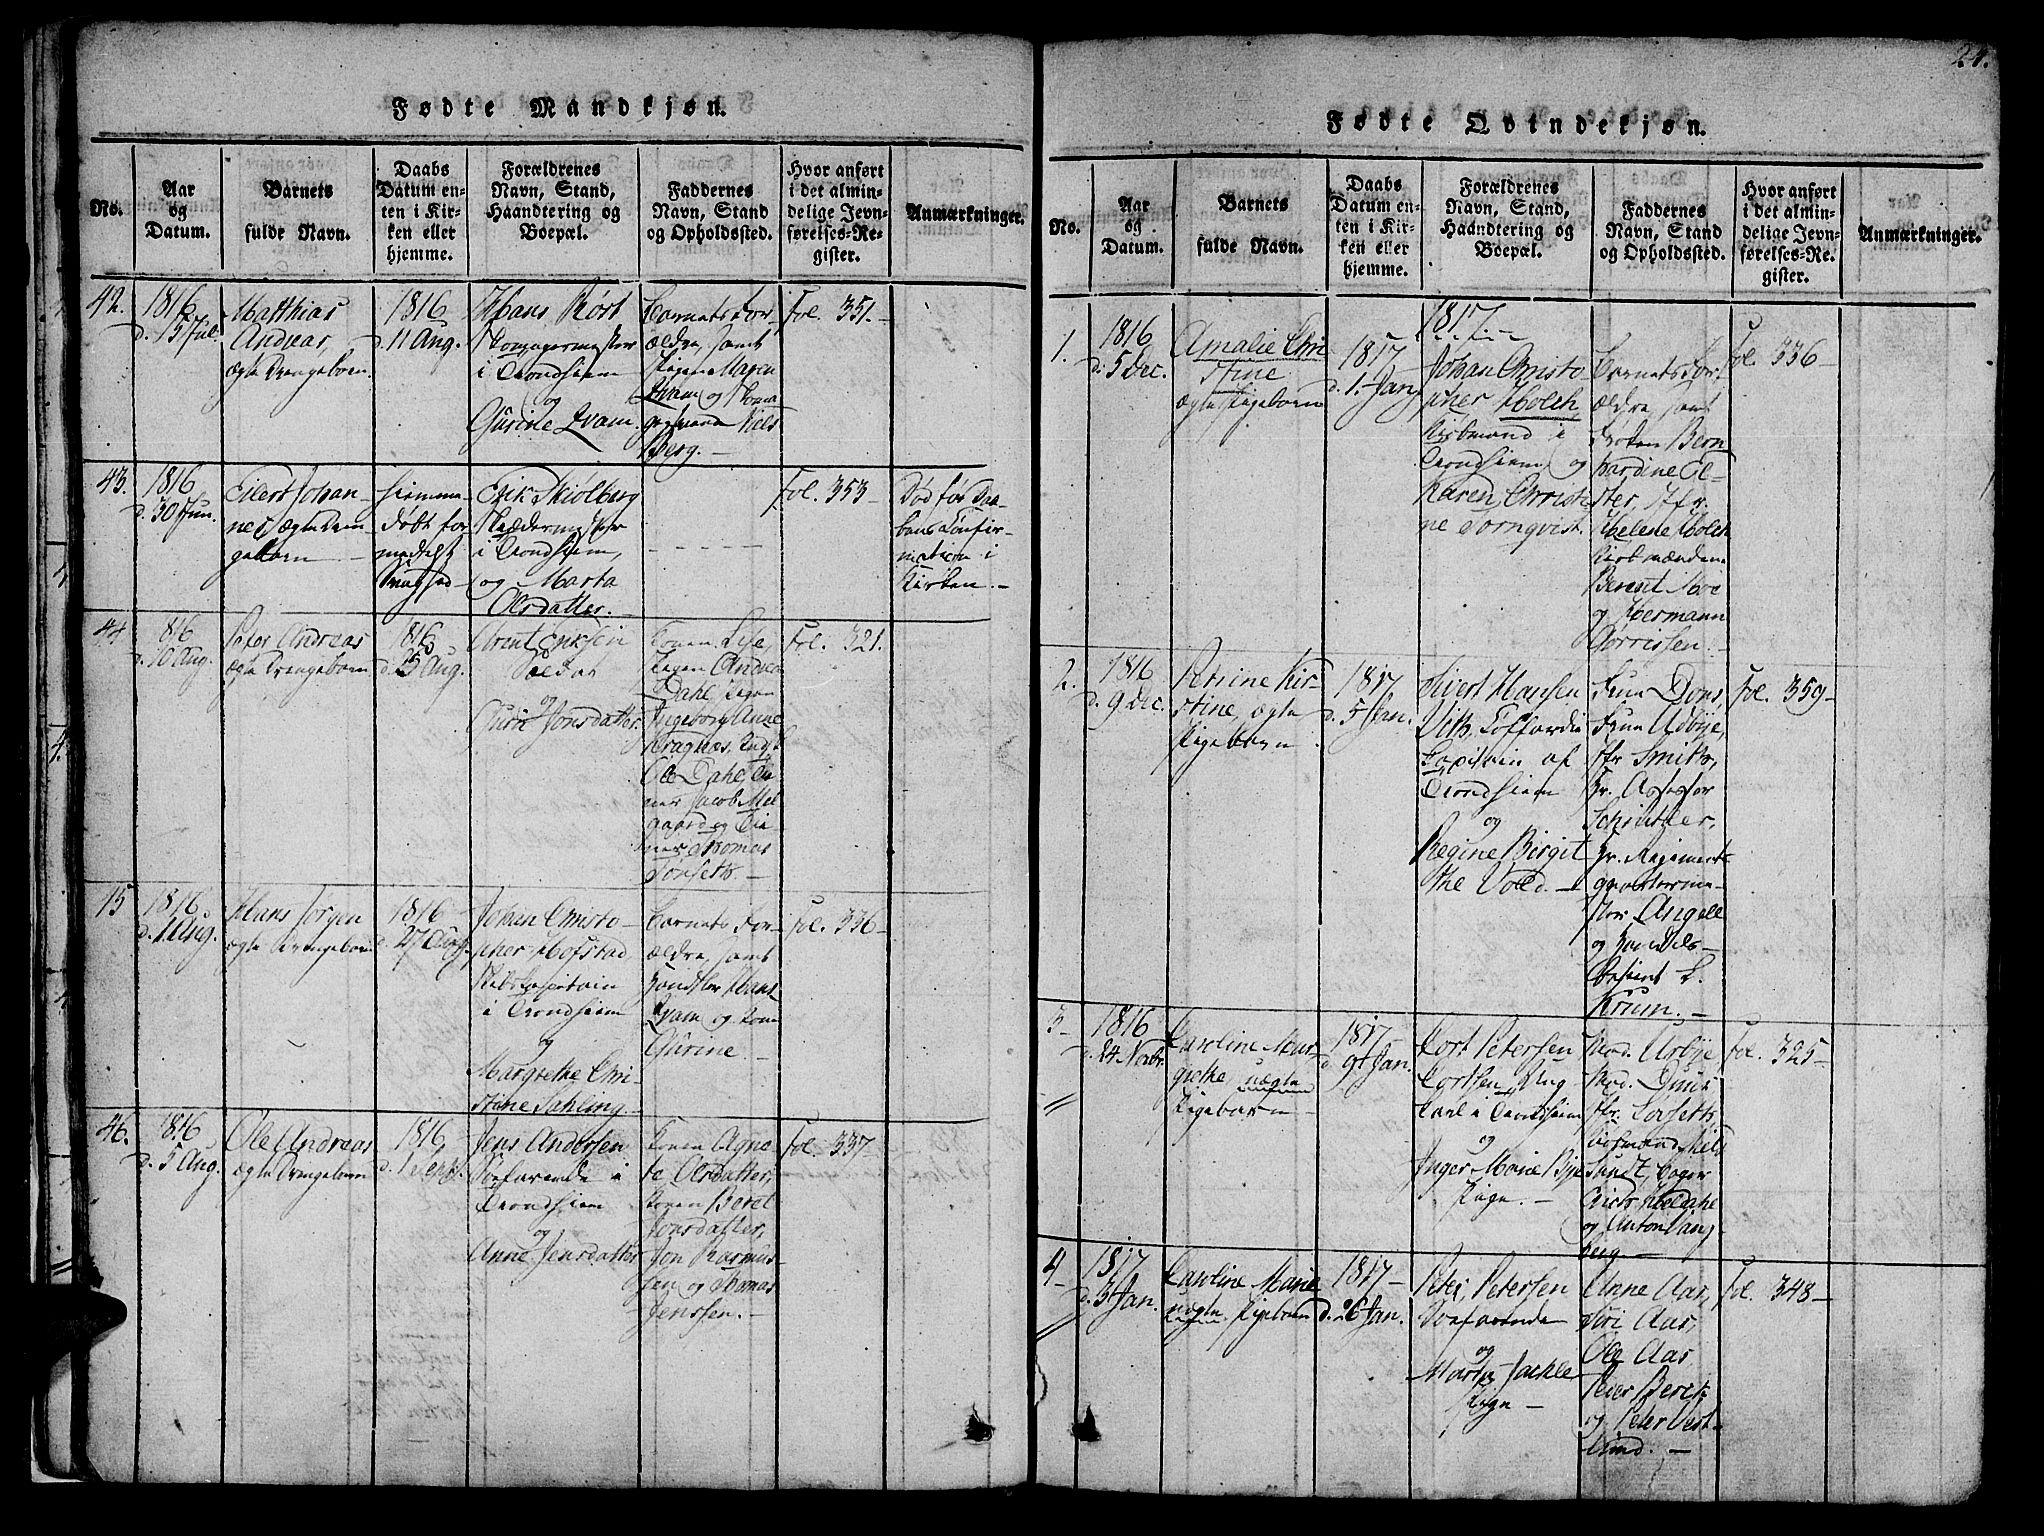 SAT, Ministerialprotokoller, klokkerbøker og fødselsregistre - Sør-Trøndelag, 602/L0135: Klokkerbok nr. 602C03, 1815-1832, s. 24